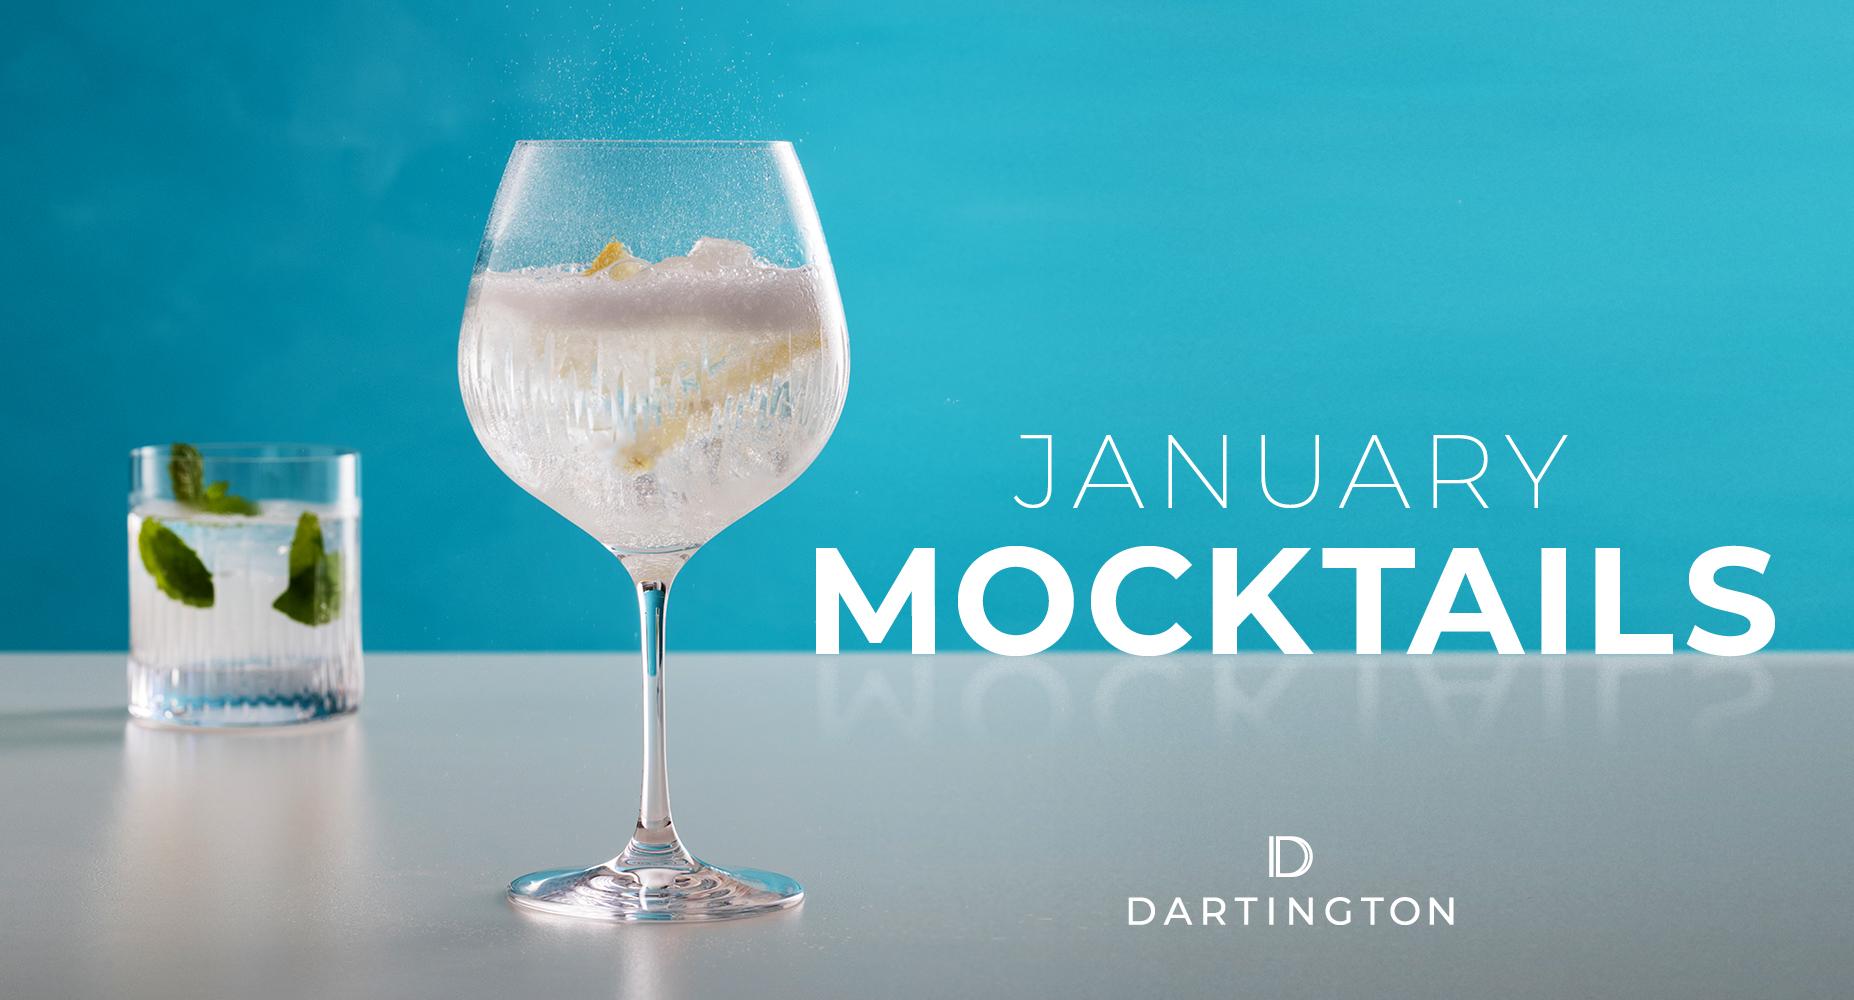 January Mocktails